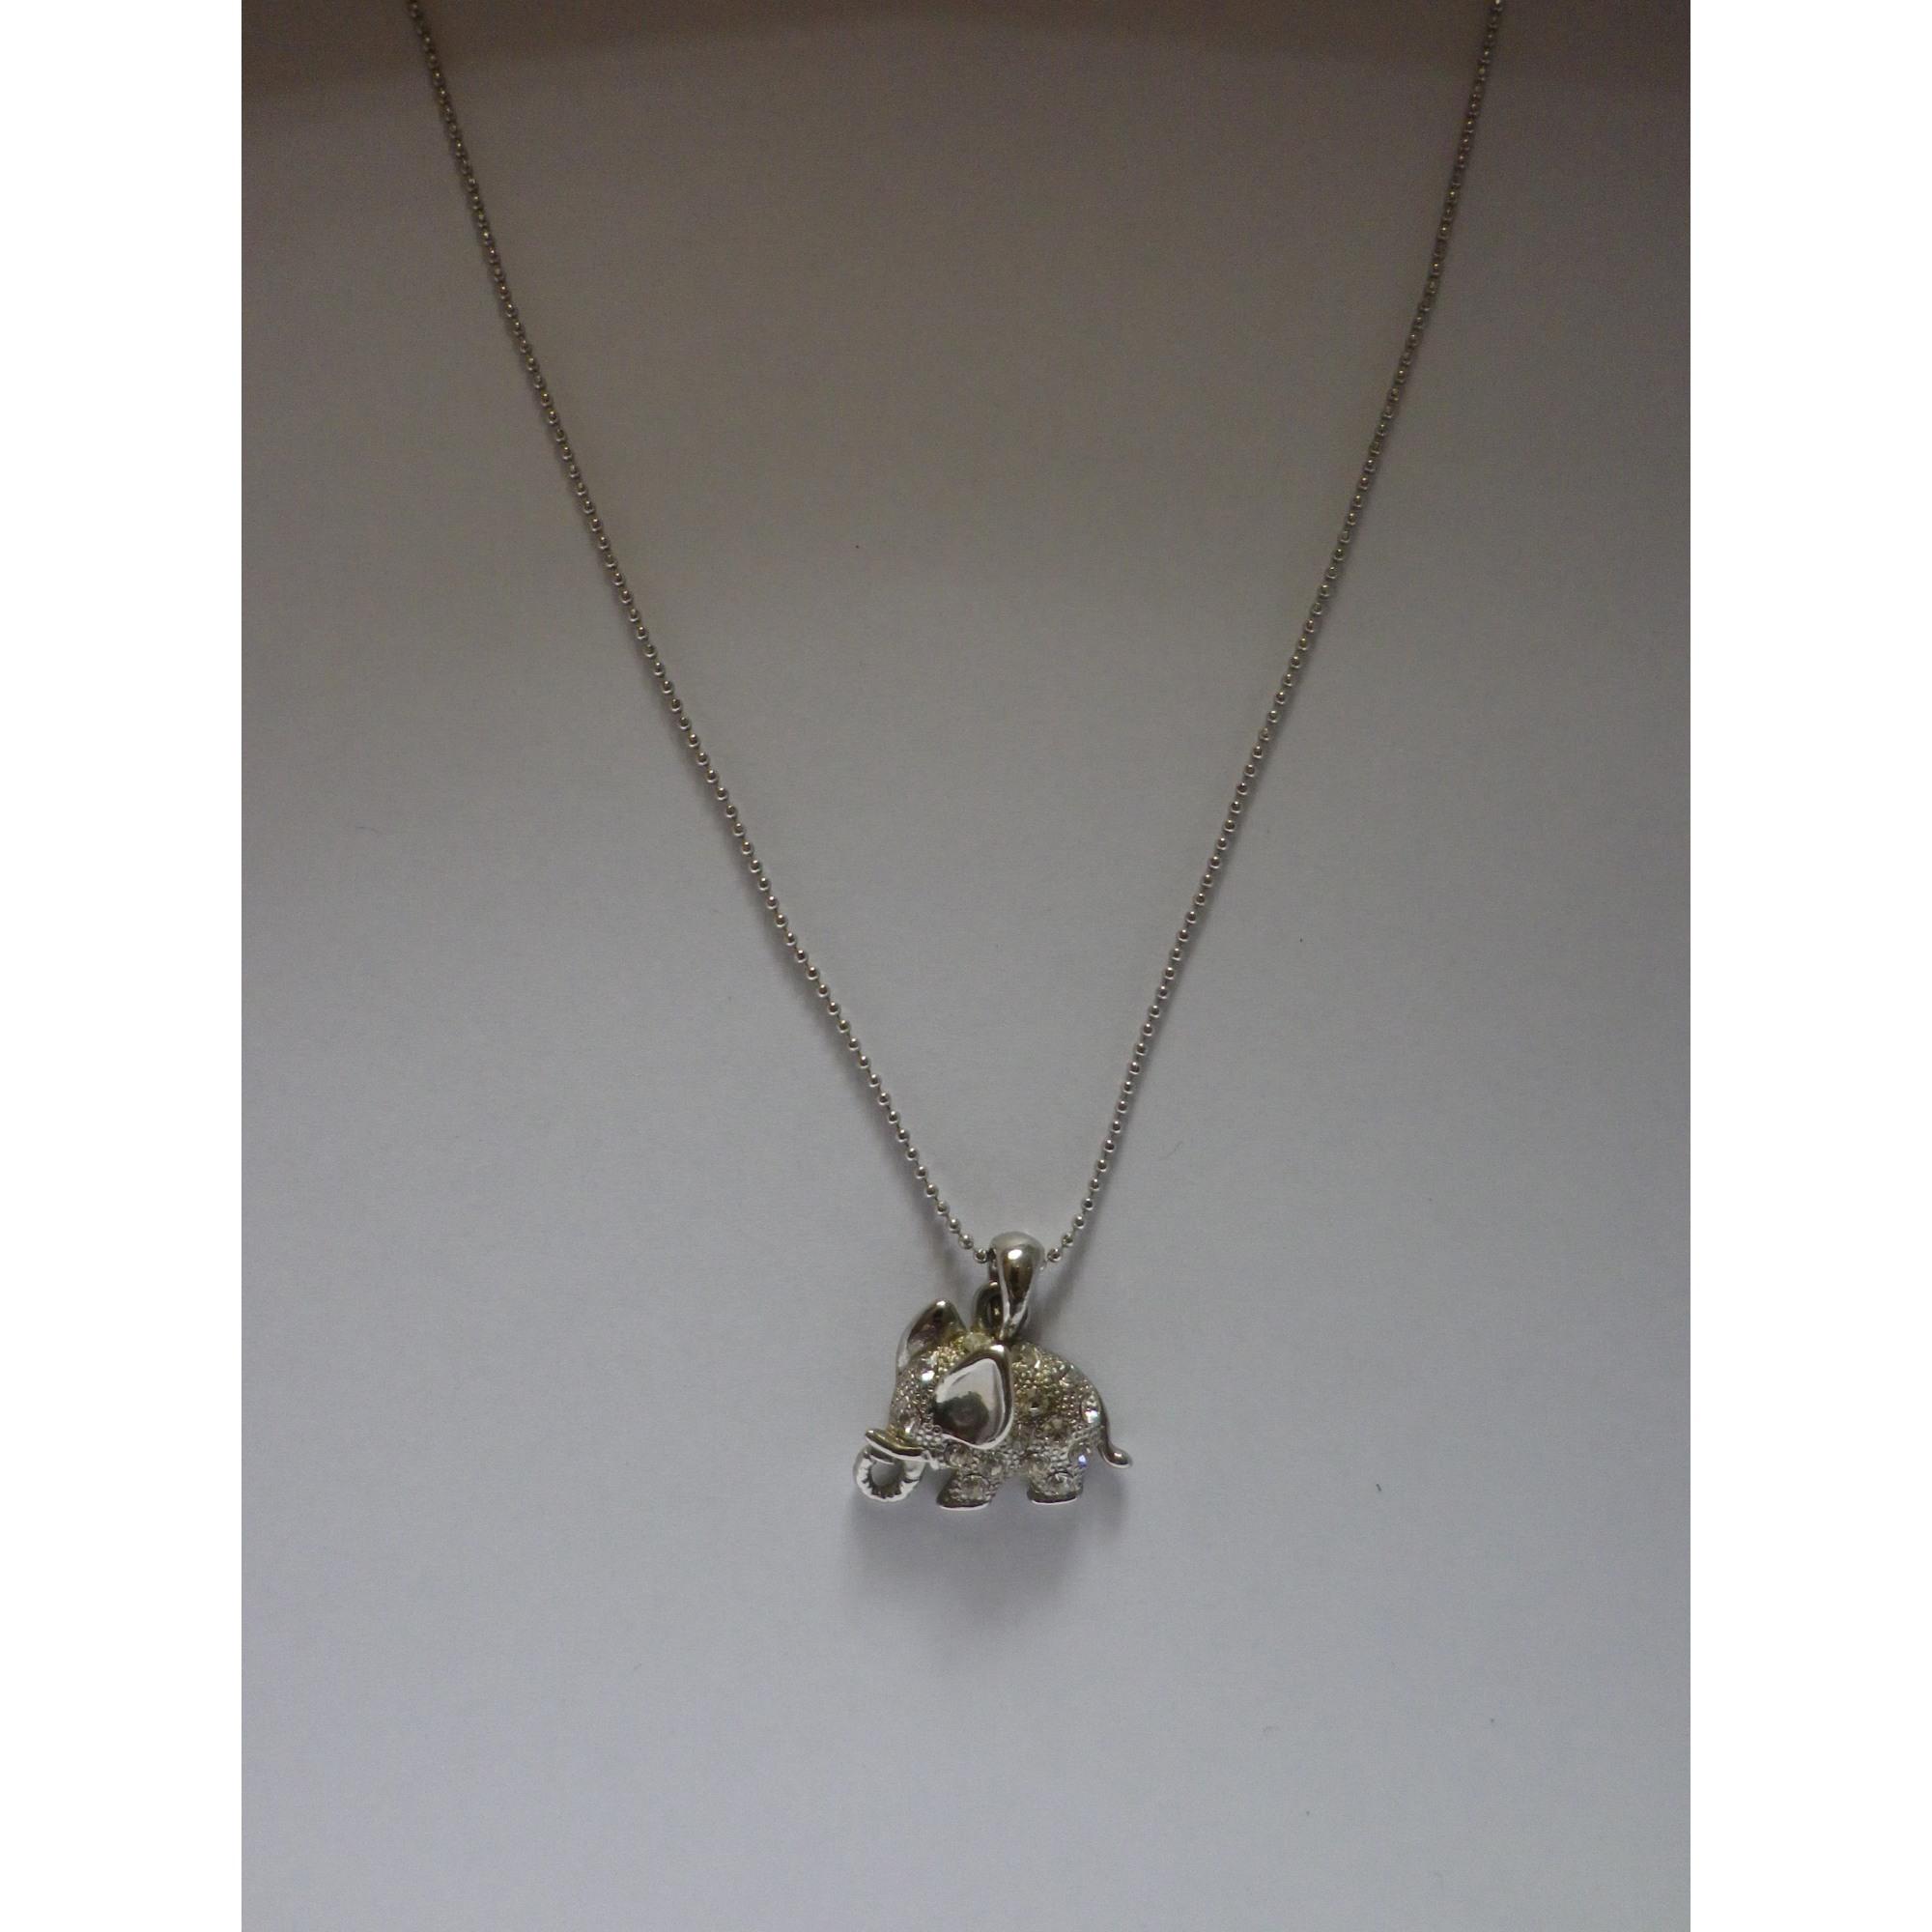 Pendentif, collier pendentif MARQUE INCONNUE Argenté, acier